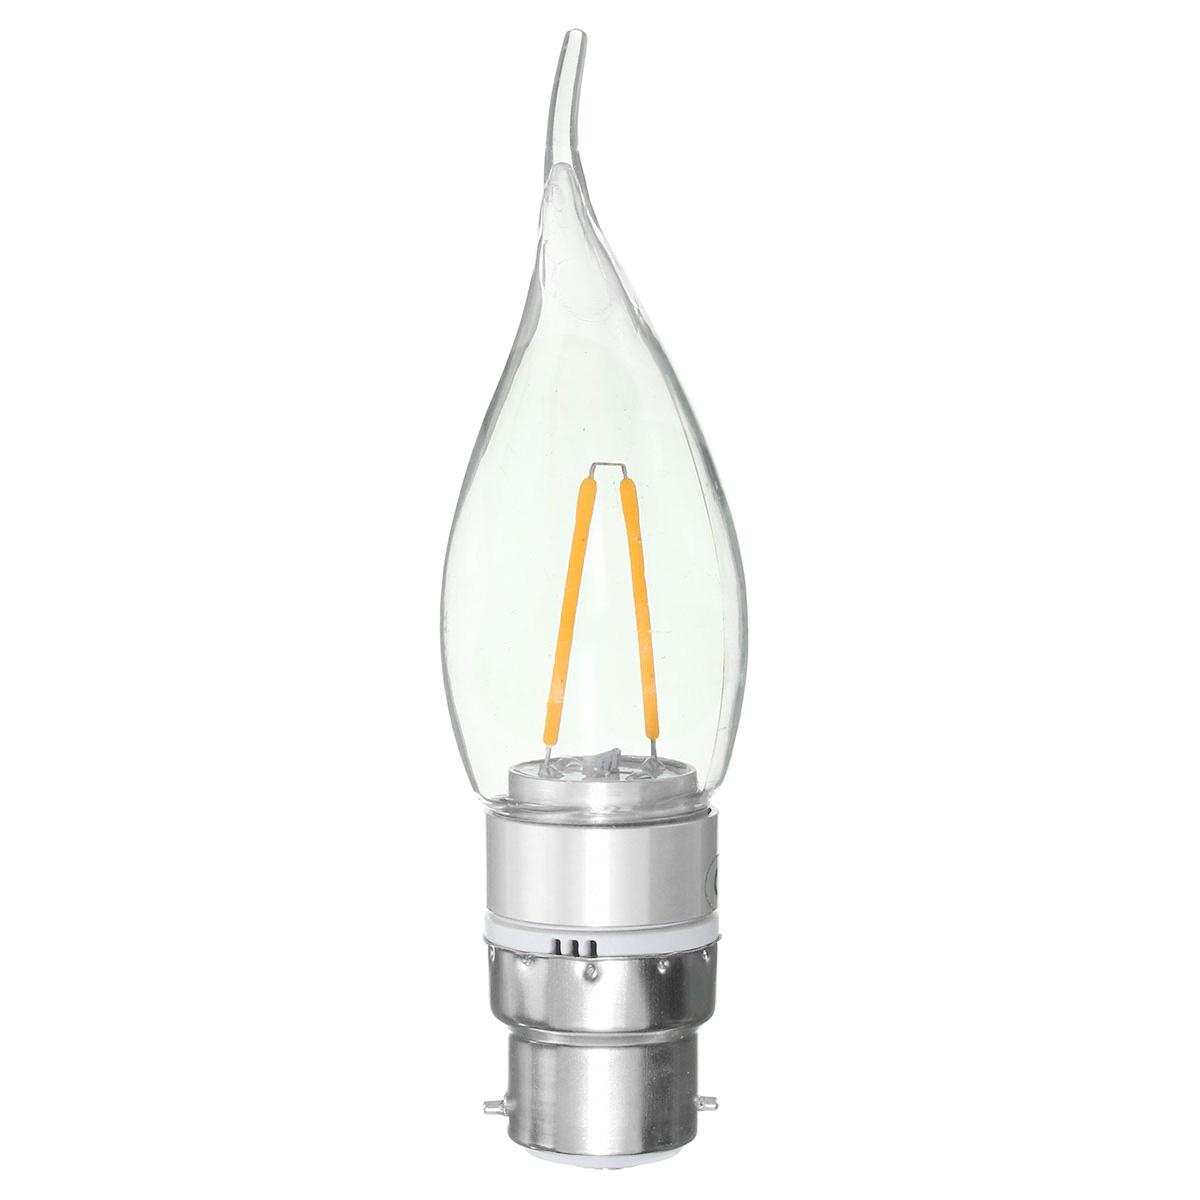 E27 E14 E12 B22 B15 2w Non Dimmable Sliver Edison Pull Tail Incandescent Candle Light Bulb 110v